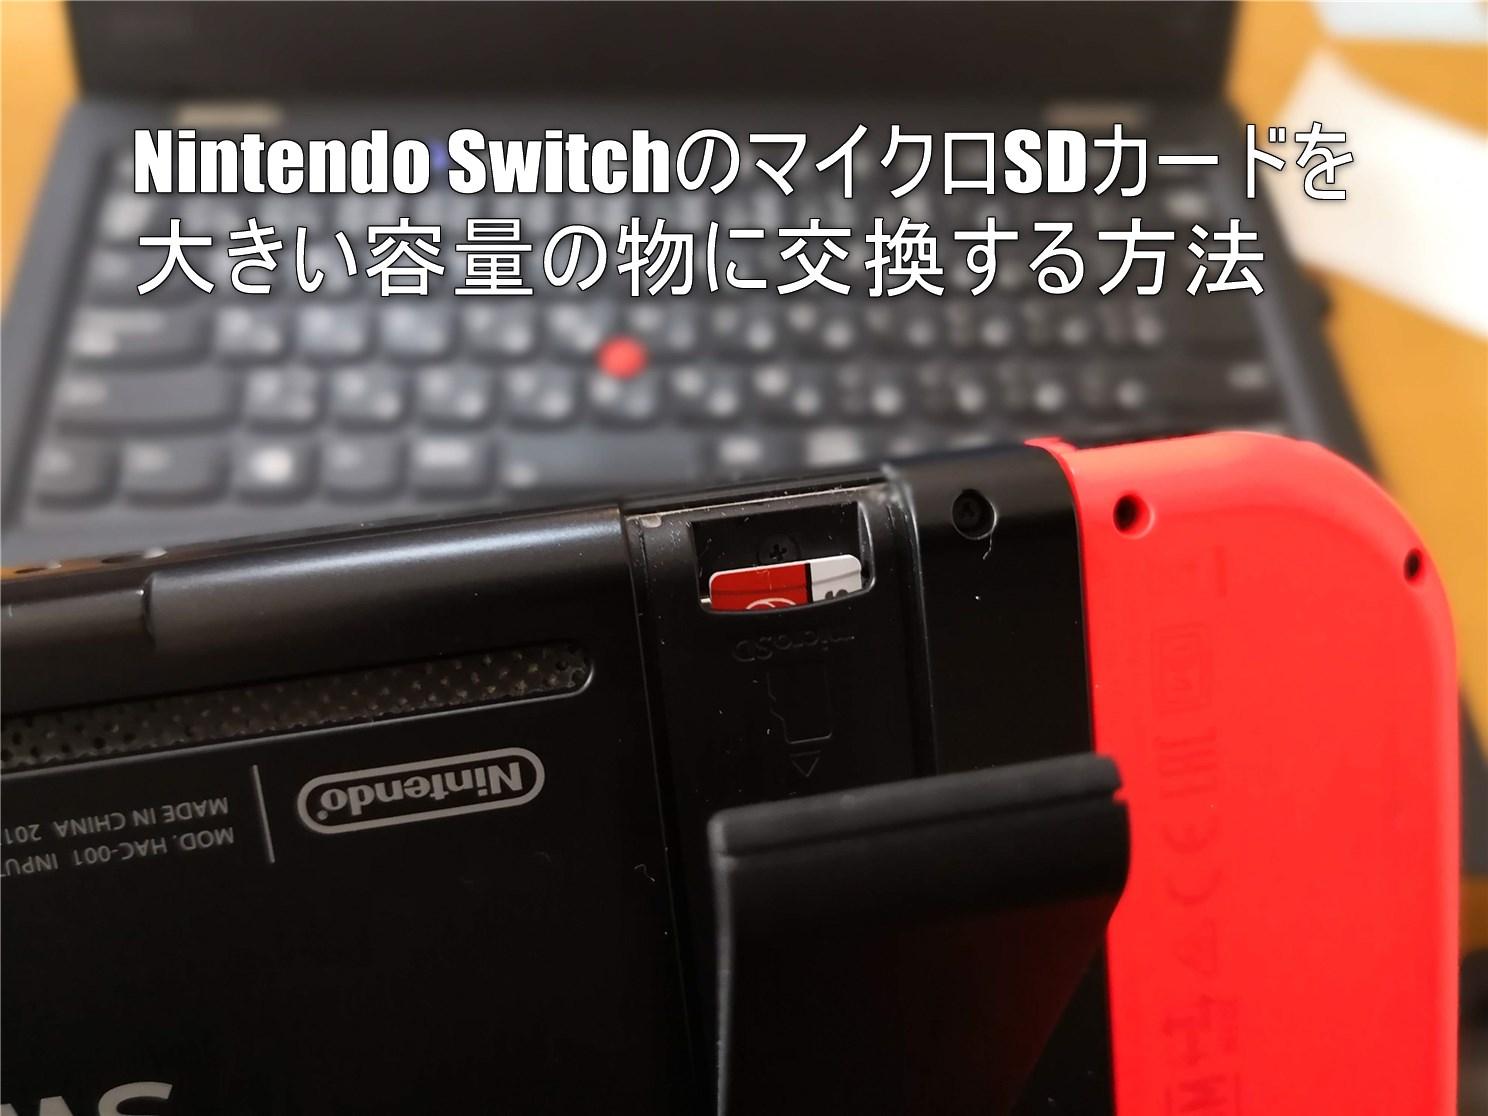 ニンテンドースイッチマイクロSDカード交換